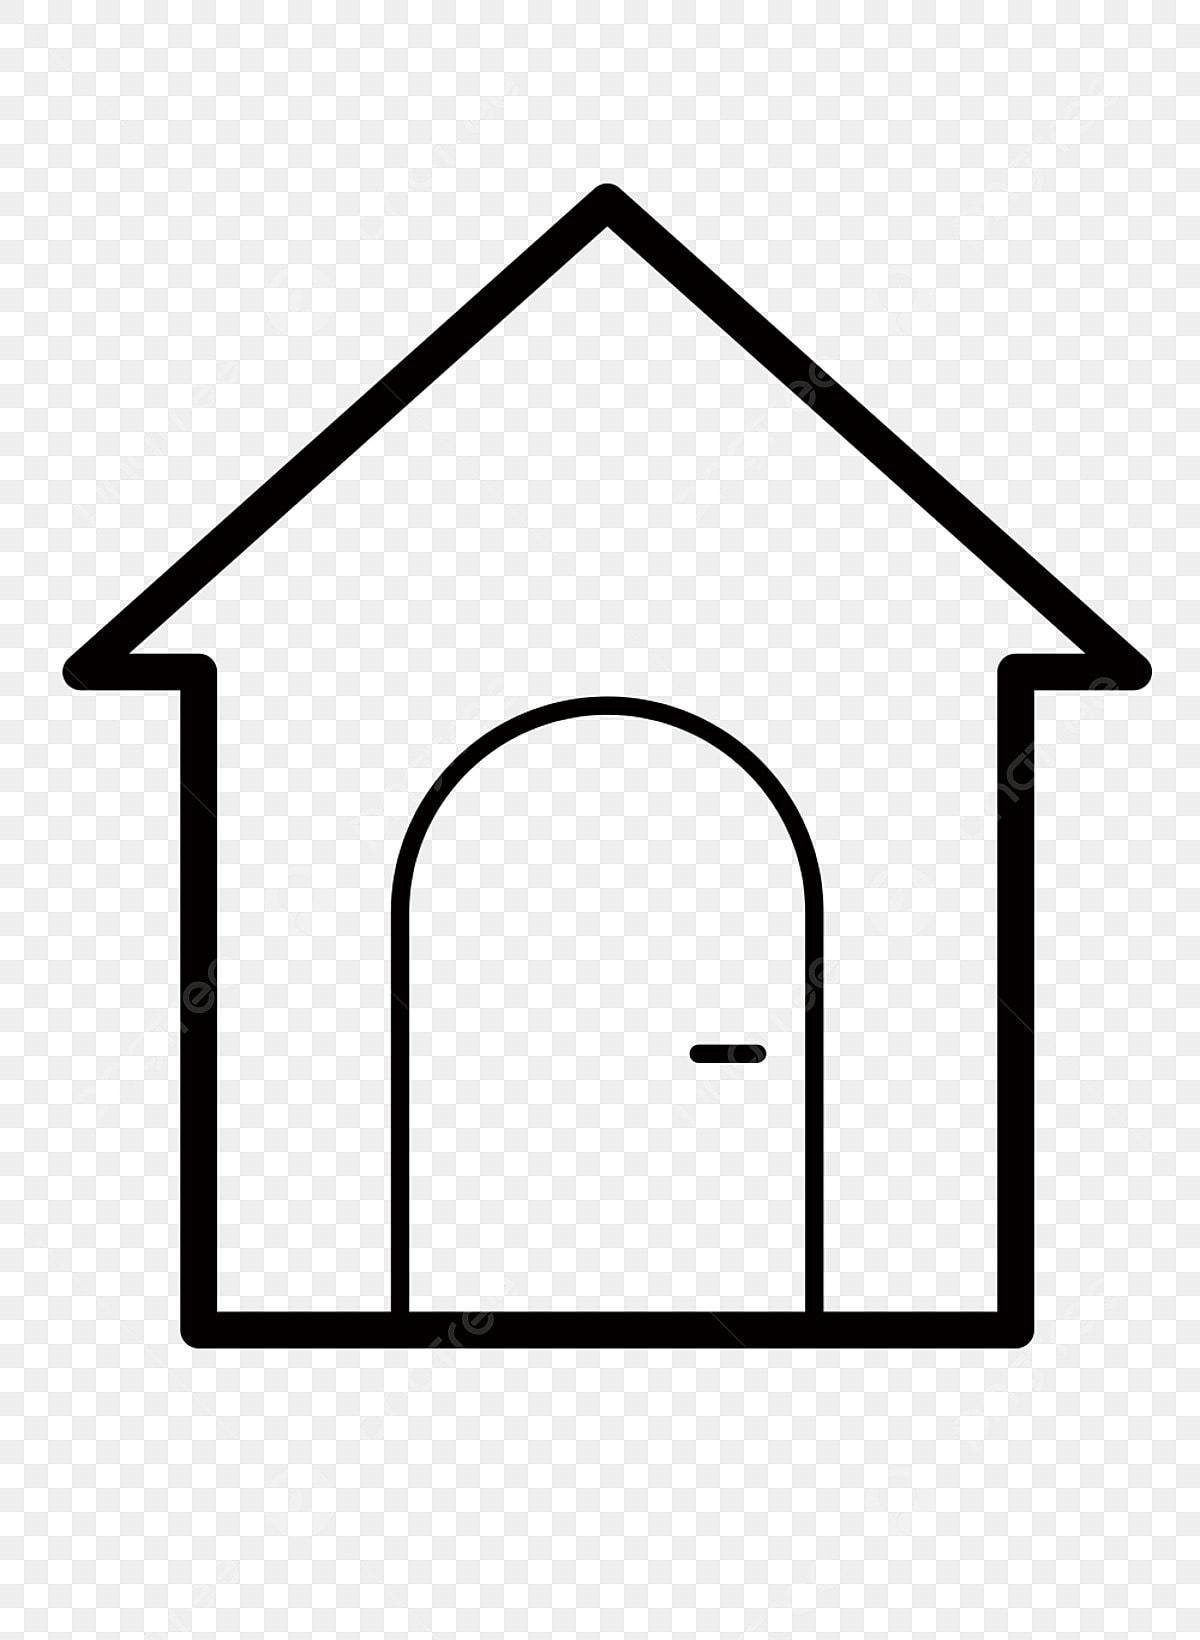 Gambar Ikon Kartun Perumahan Rumah Sederhana Perumahan Png Dan Psd Untuk Muat Turun Percuma